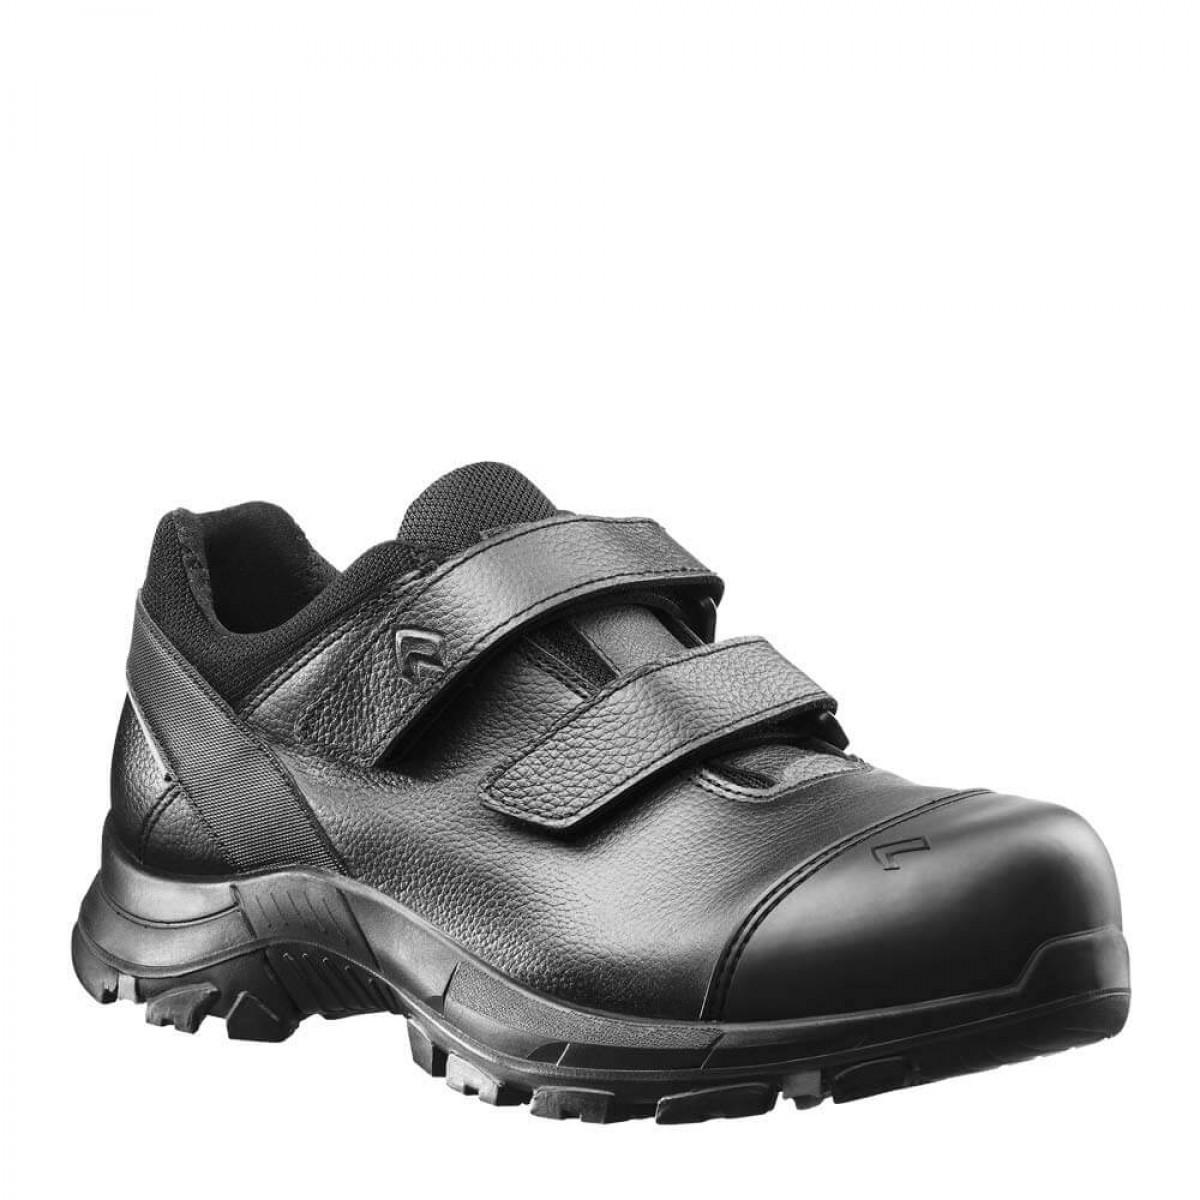 Schuhe & Stiefel Haix Nevada Pro Low Arbeitskleidung & -schutz